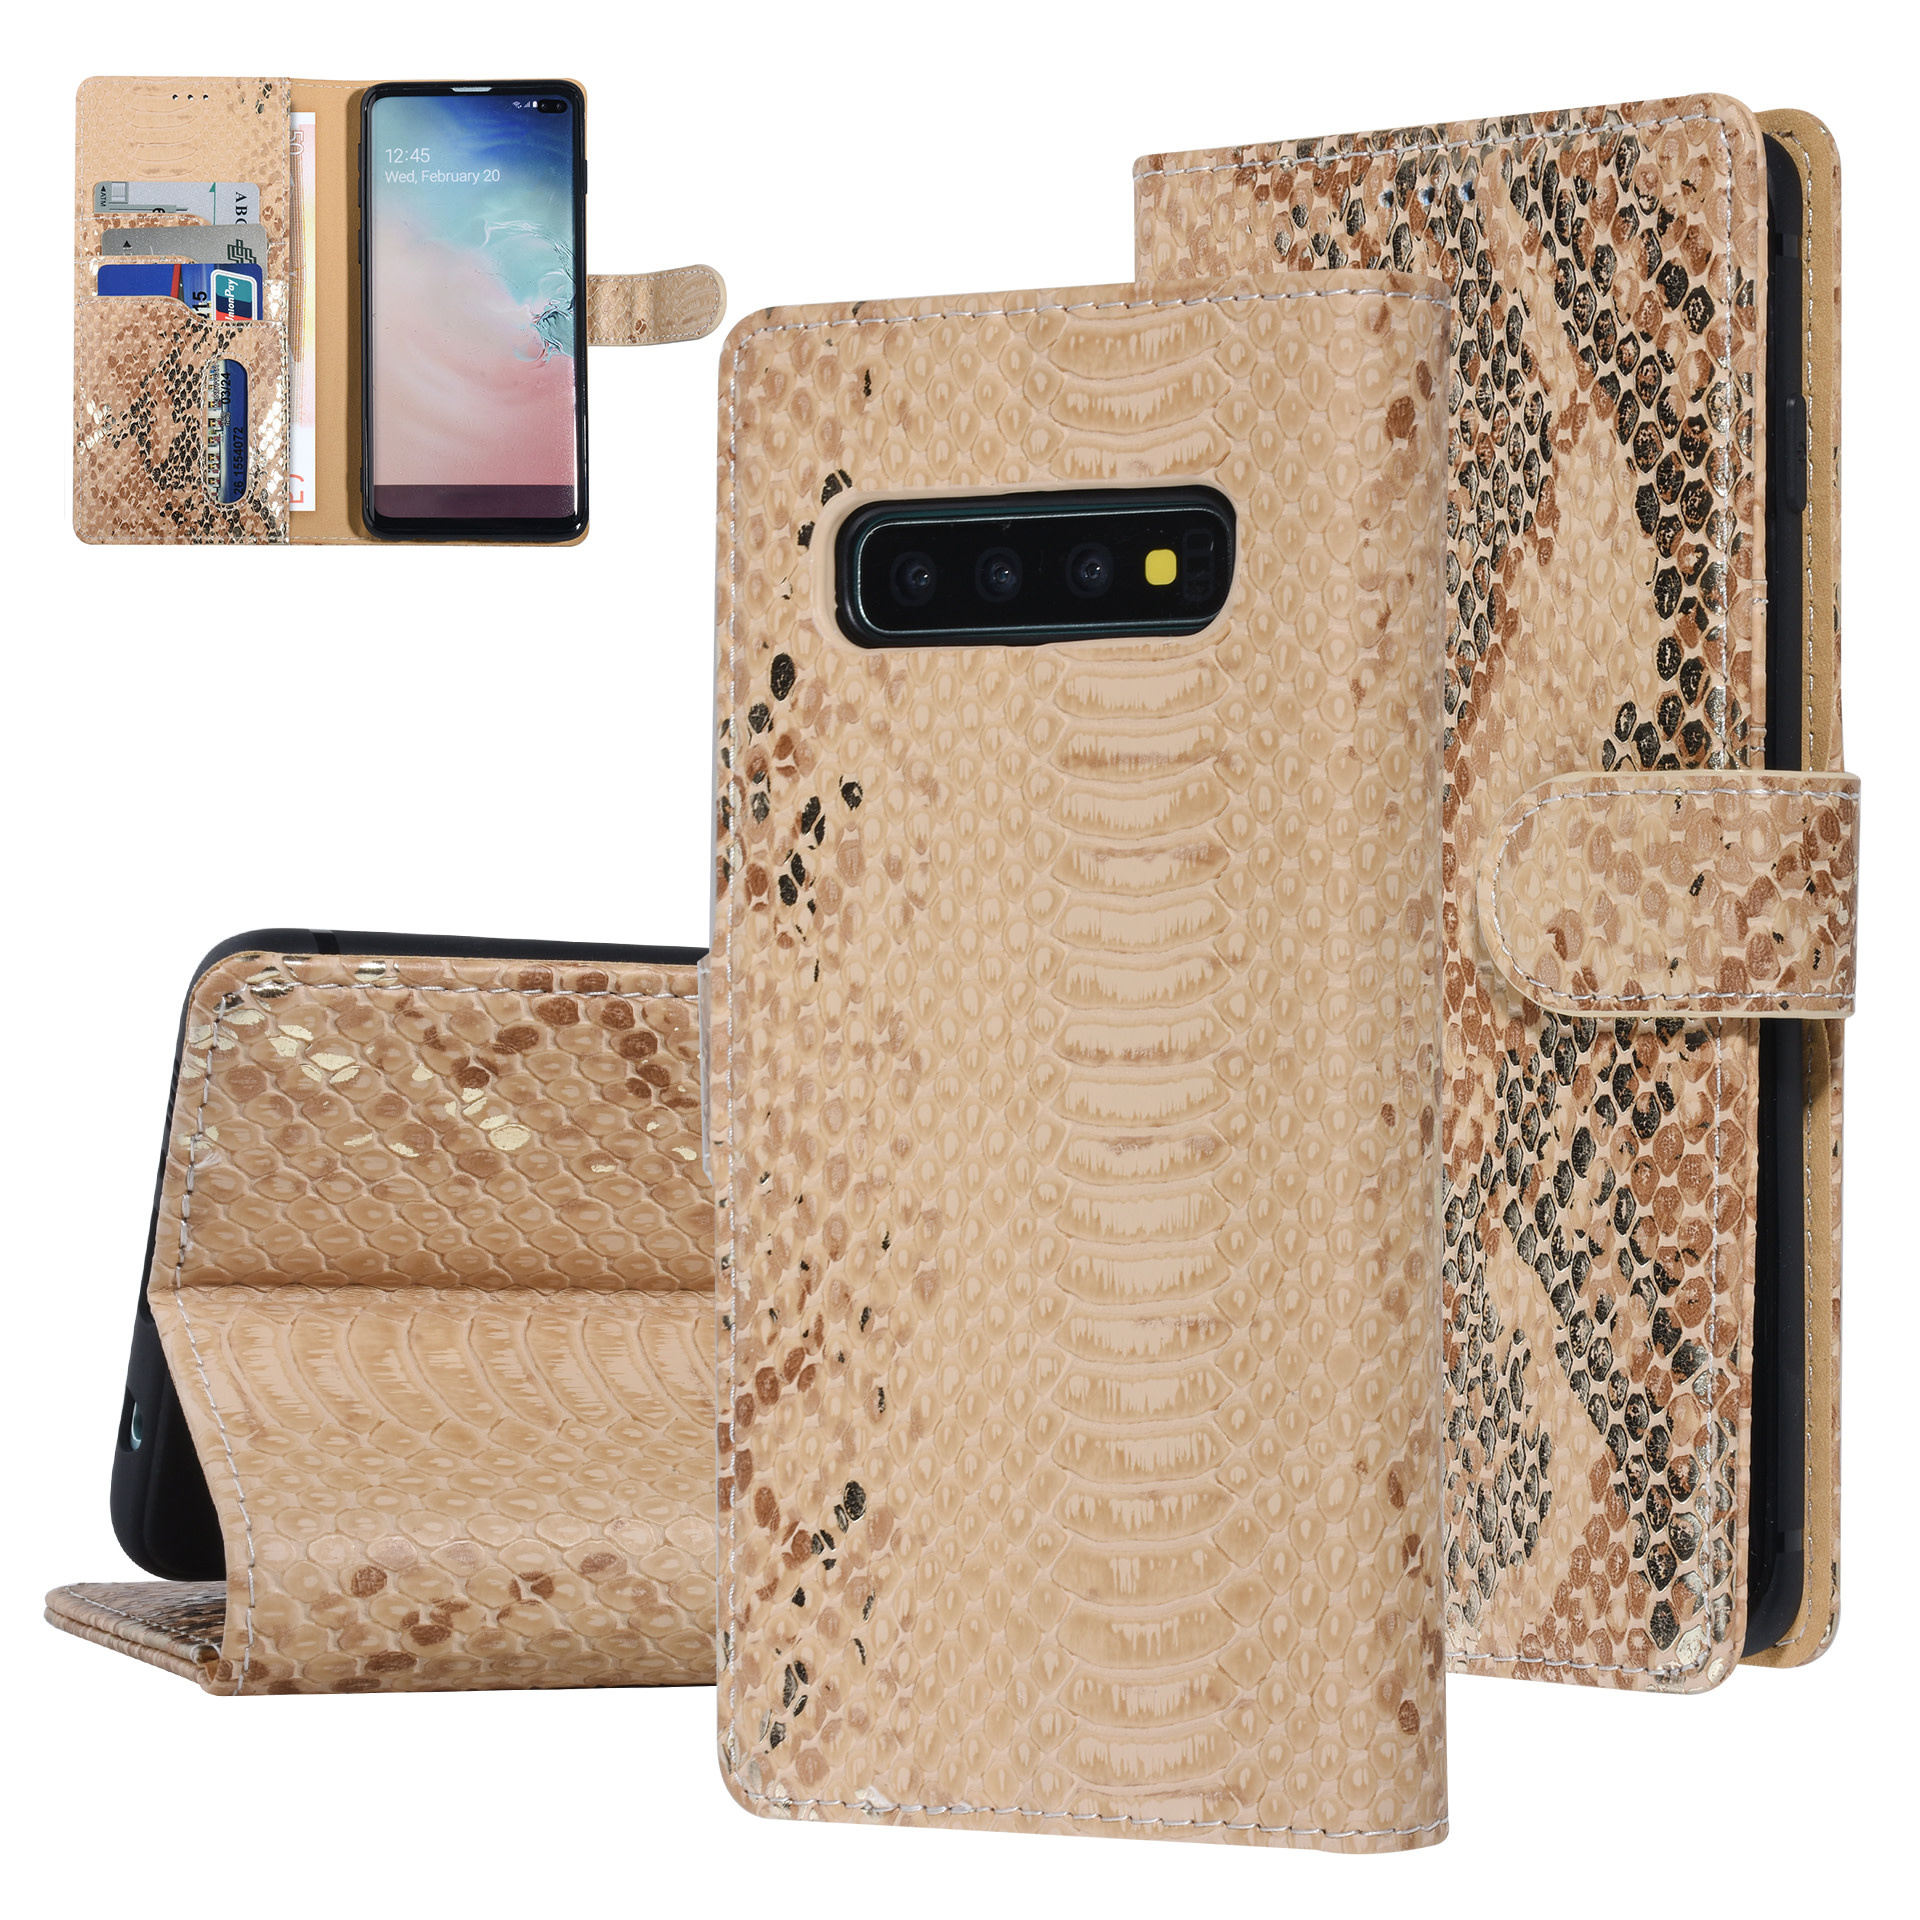 UNIQ Accessory Galaxy S10 Plus Gold Schlangenhaut Book-Case hul